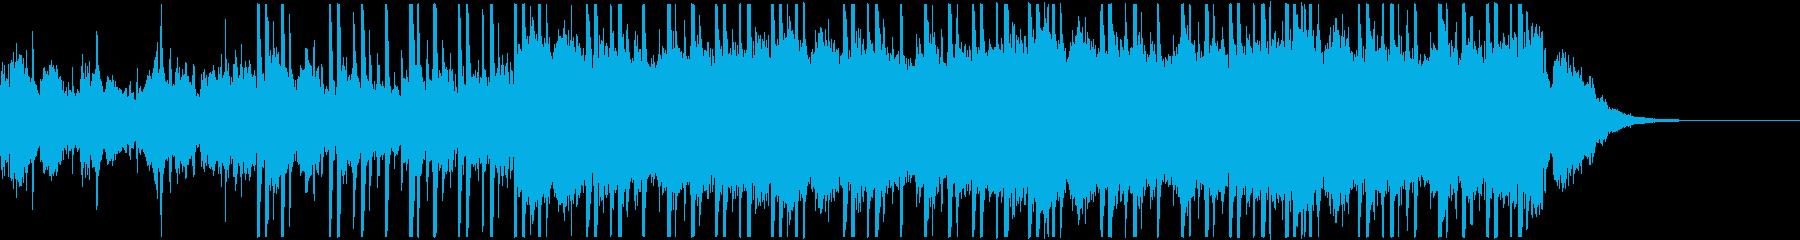 ボーカルシンセのカッコいい近未来的BGMの再生済みの波形